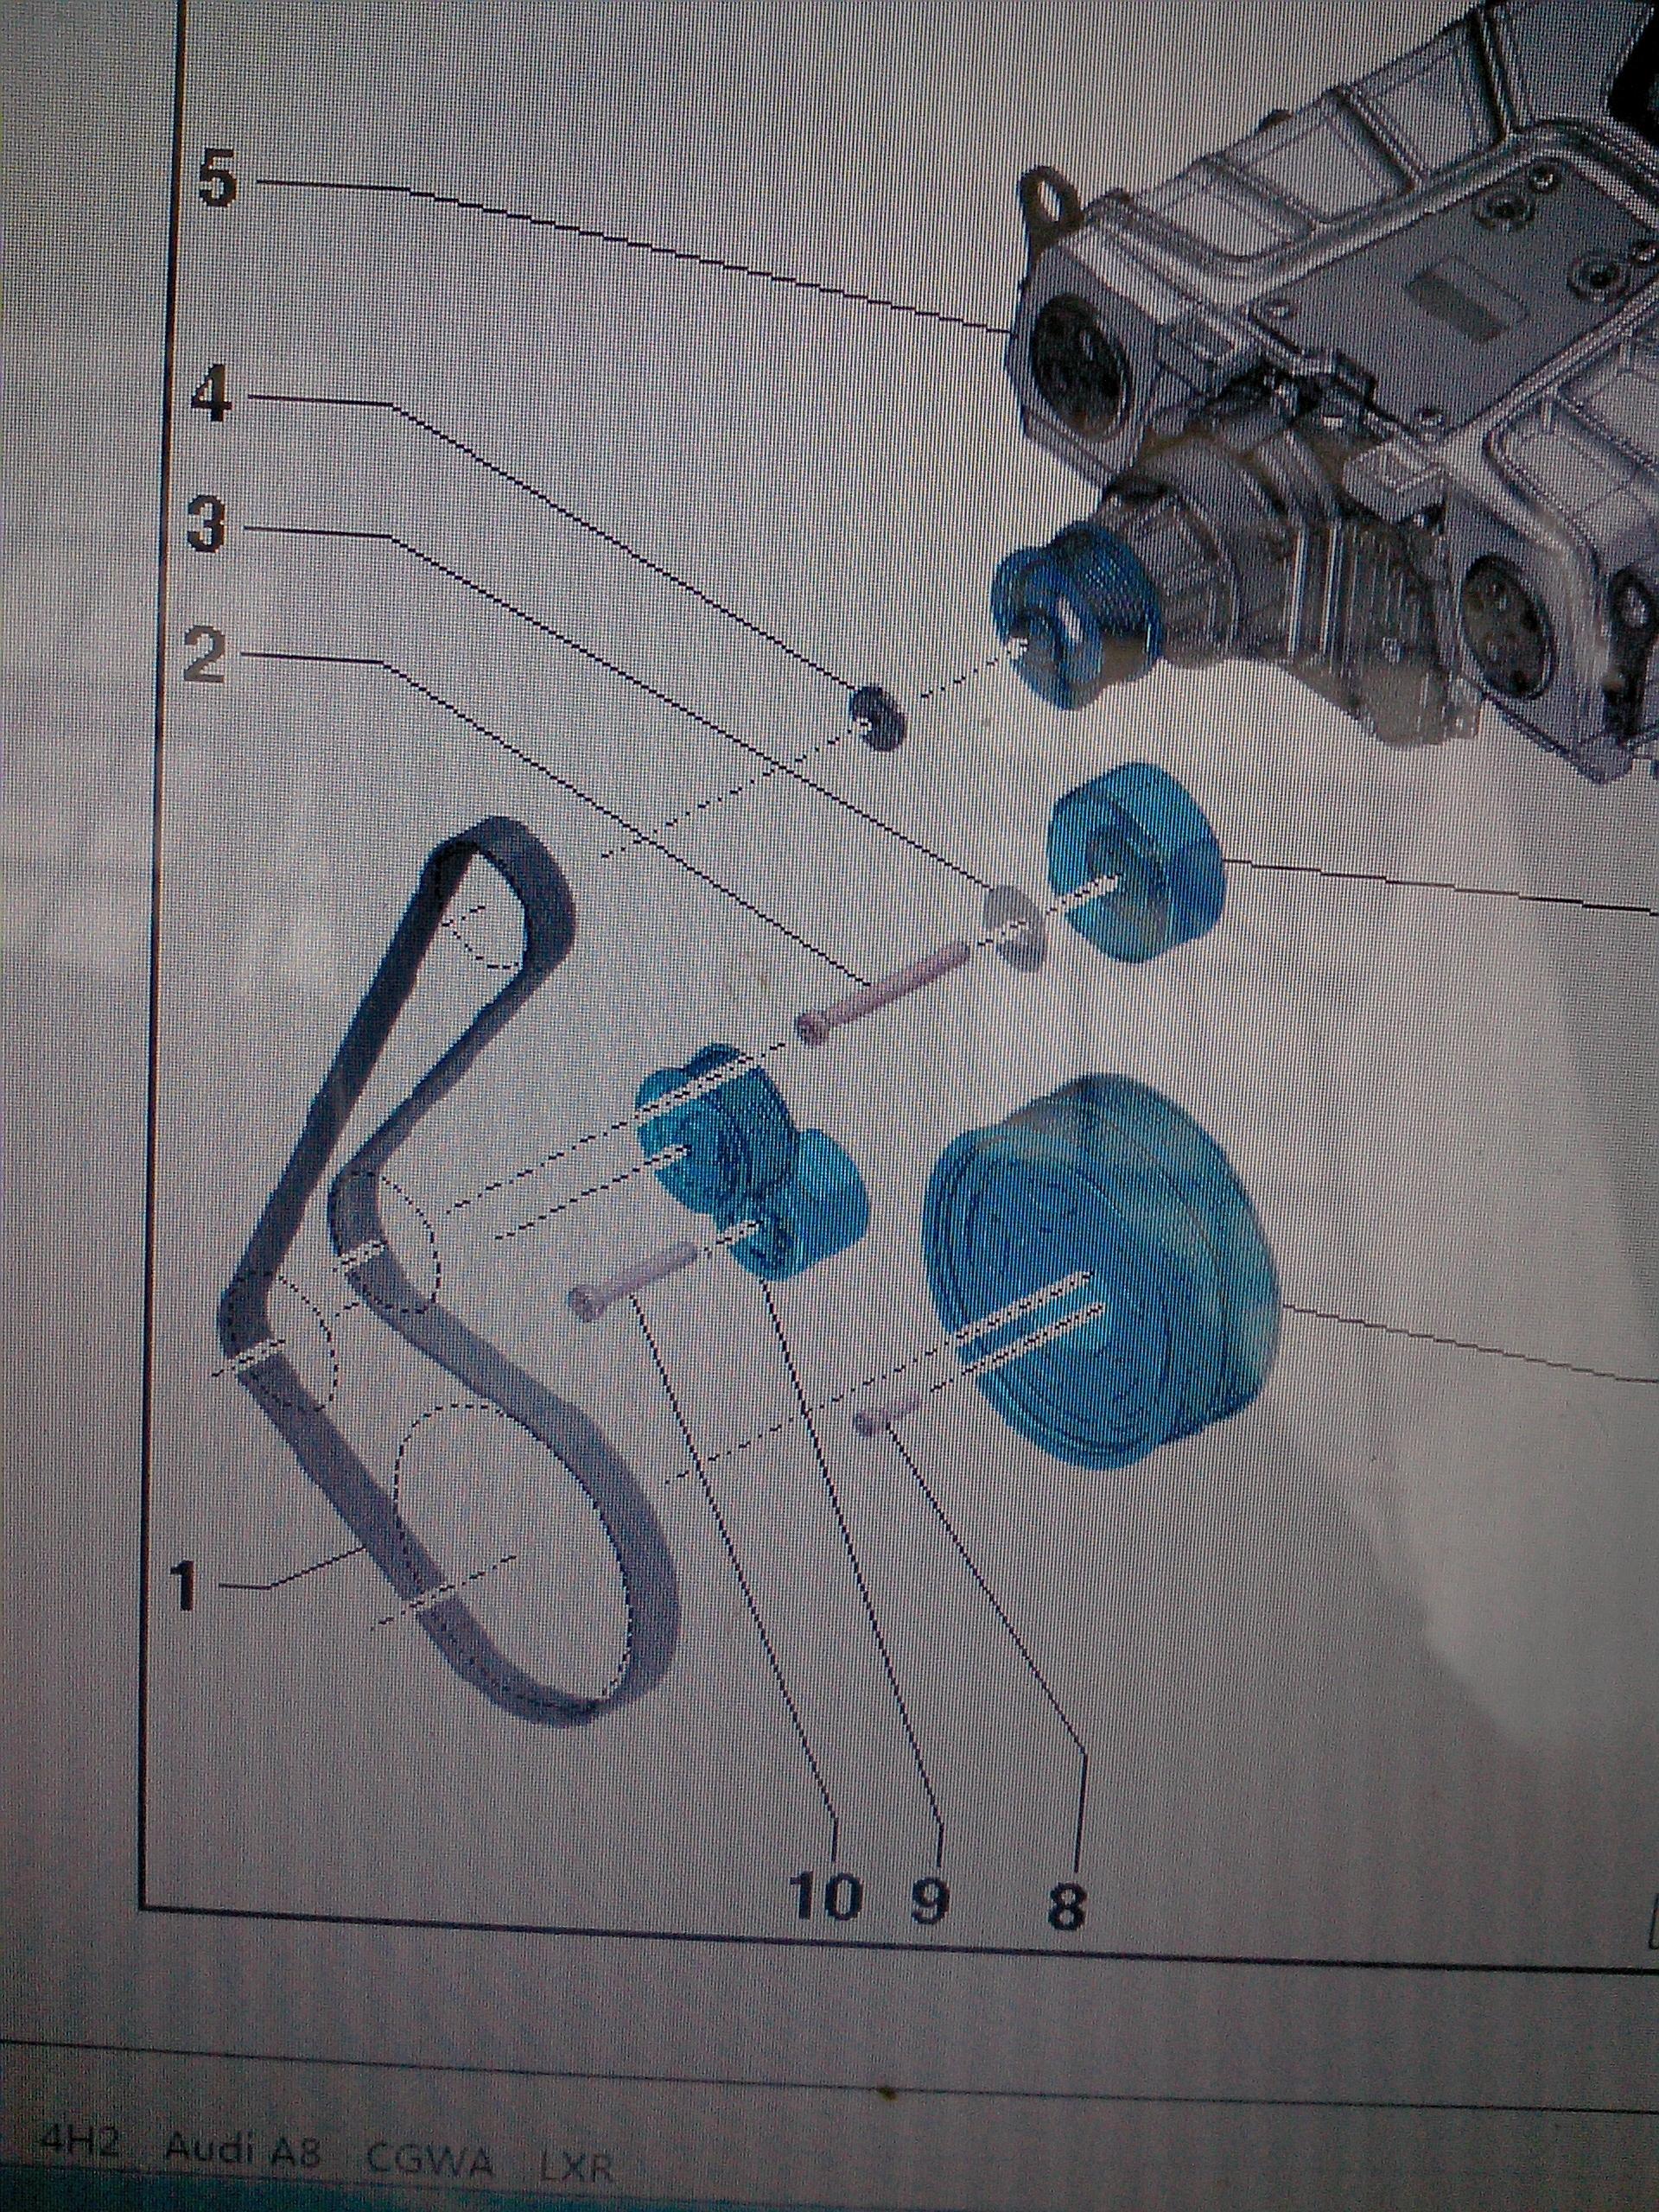 奥迪a82012年款发电机皮带怎么装?